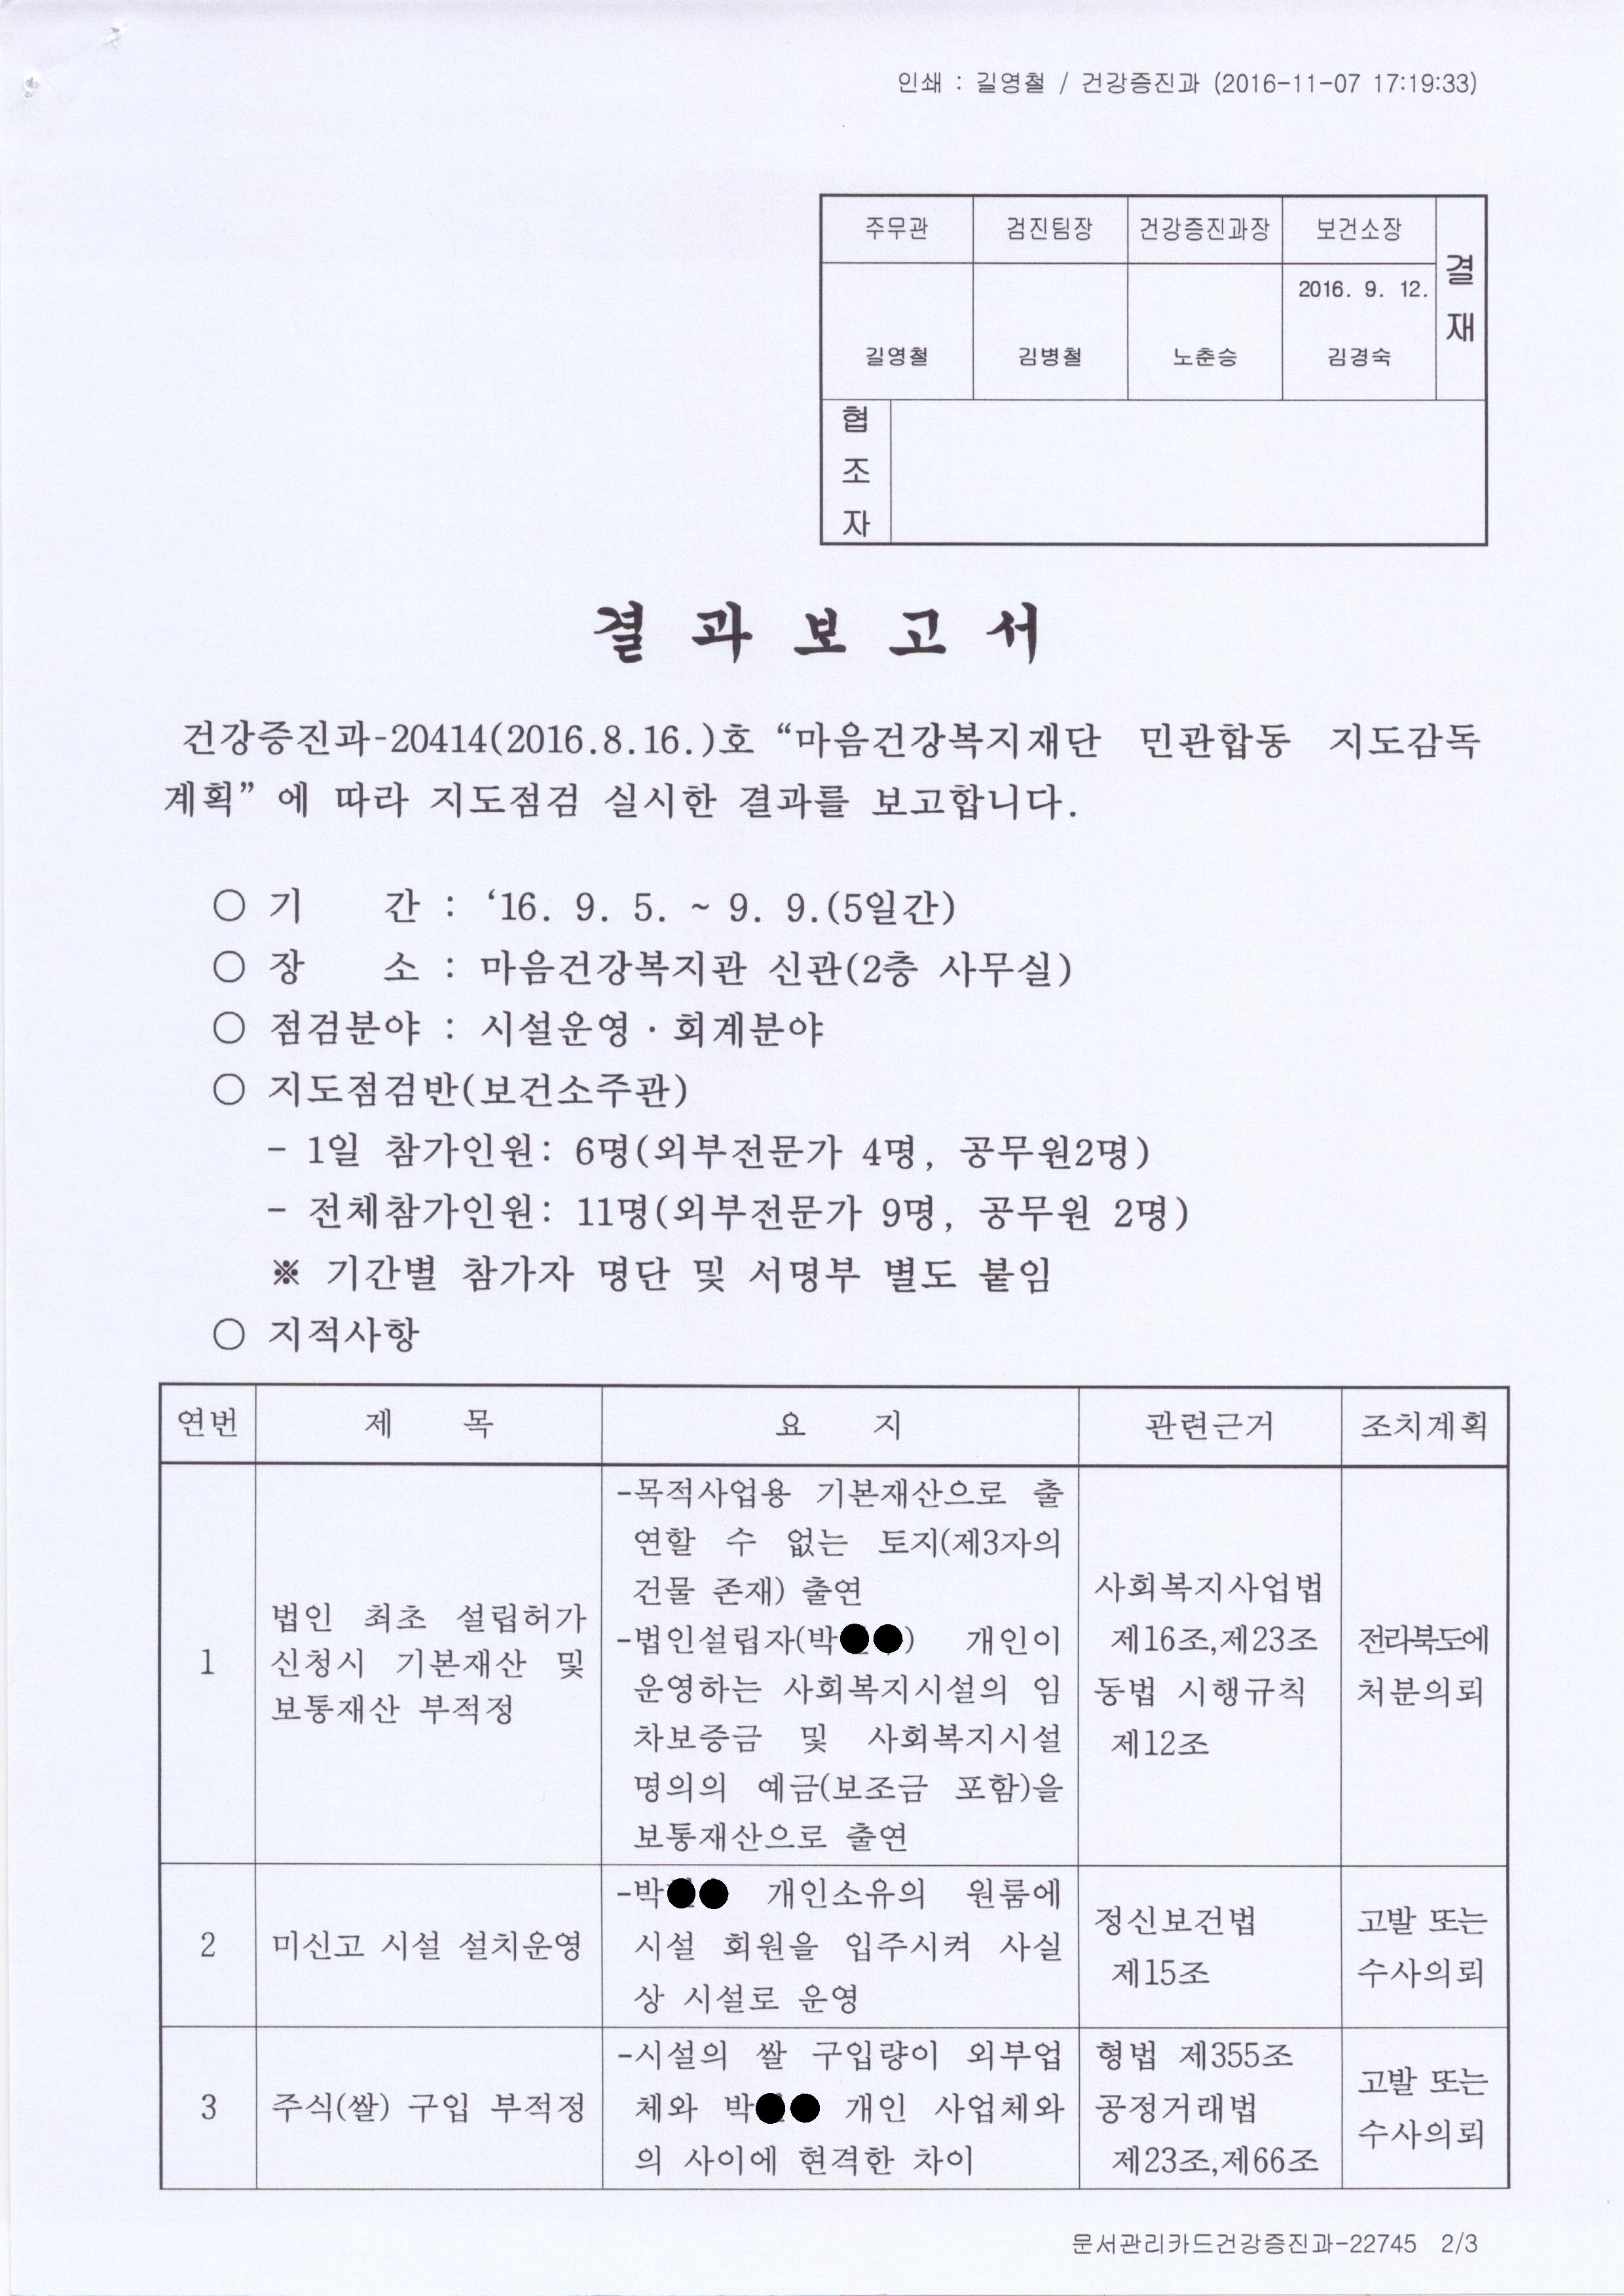 16.9.12_전주시보건소 건강증진과-22745호 002-1.jpg